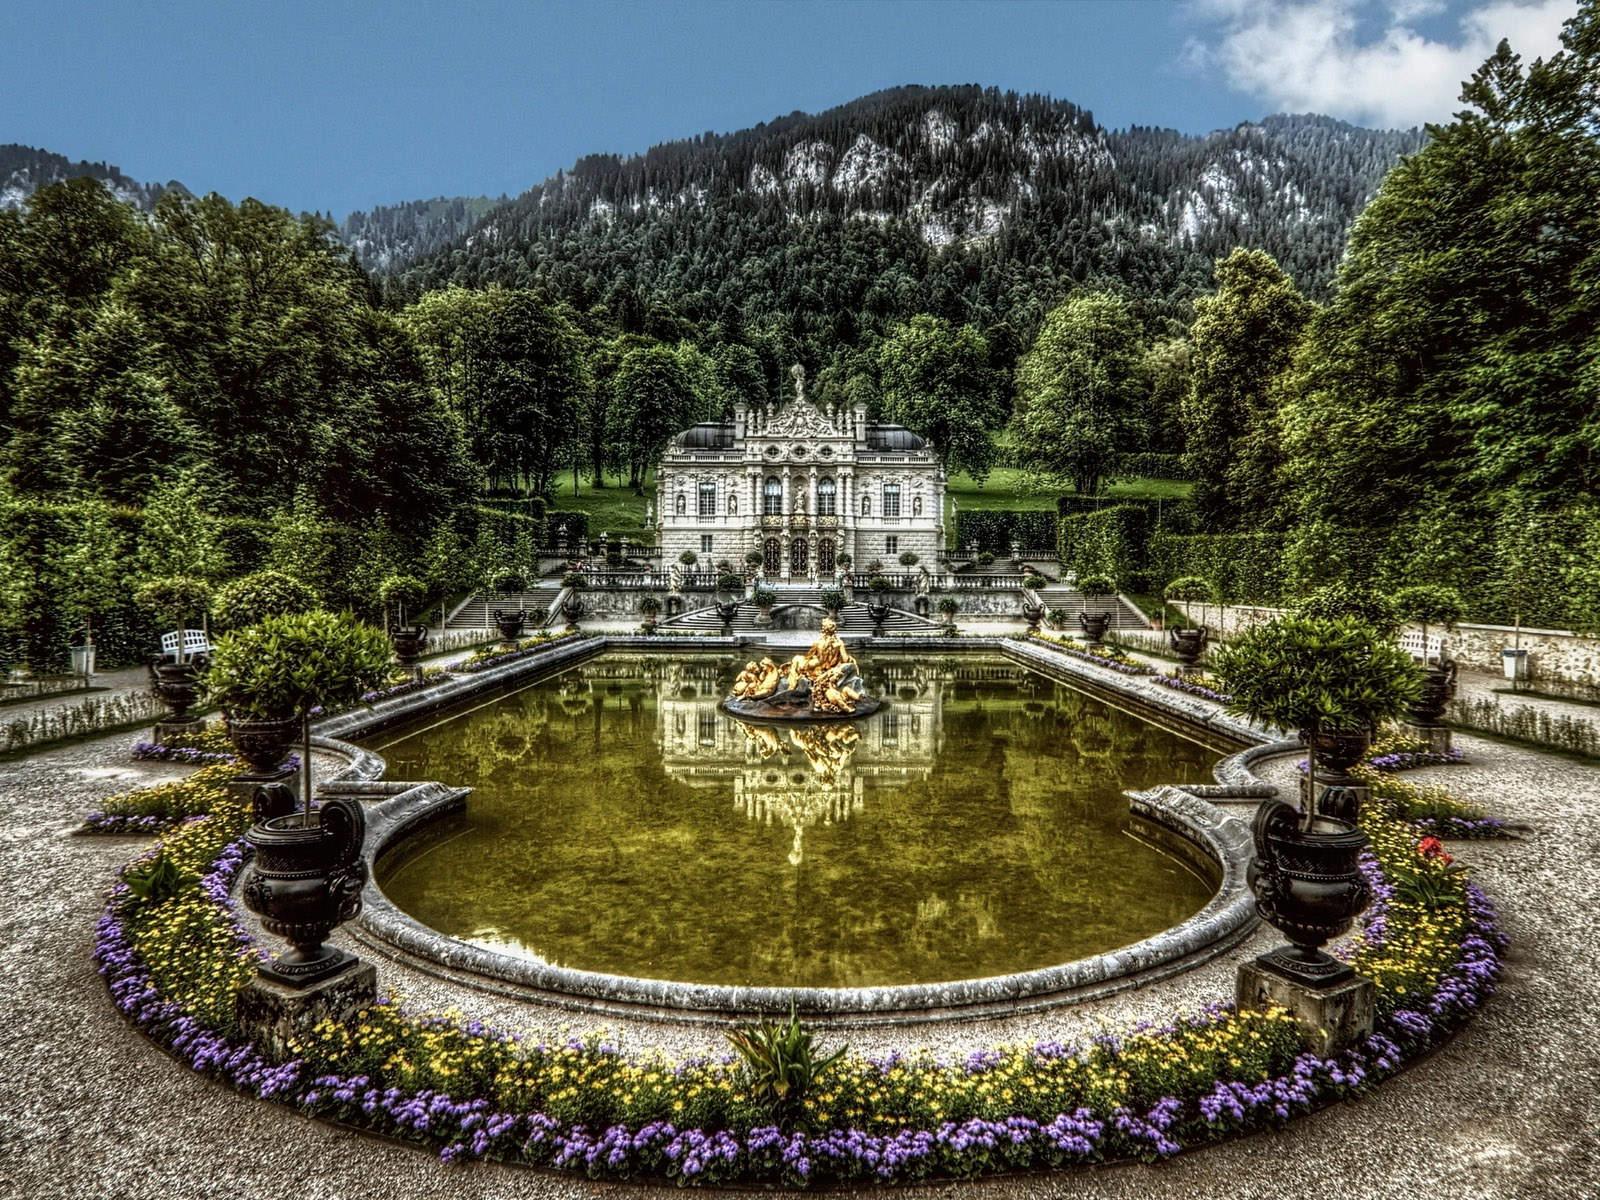 Немецкий замок Линдерхоф во всей красе